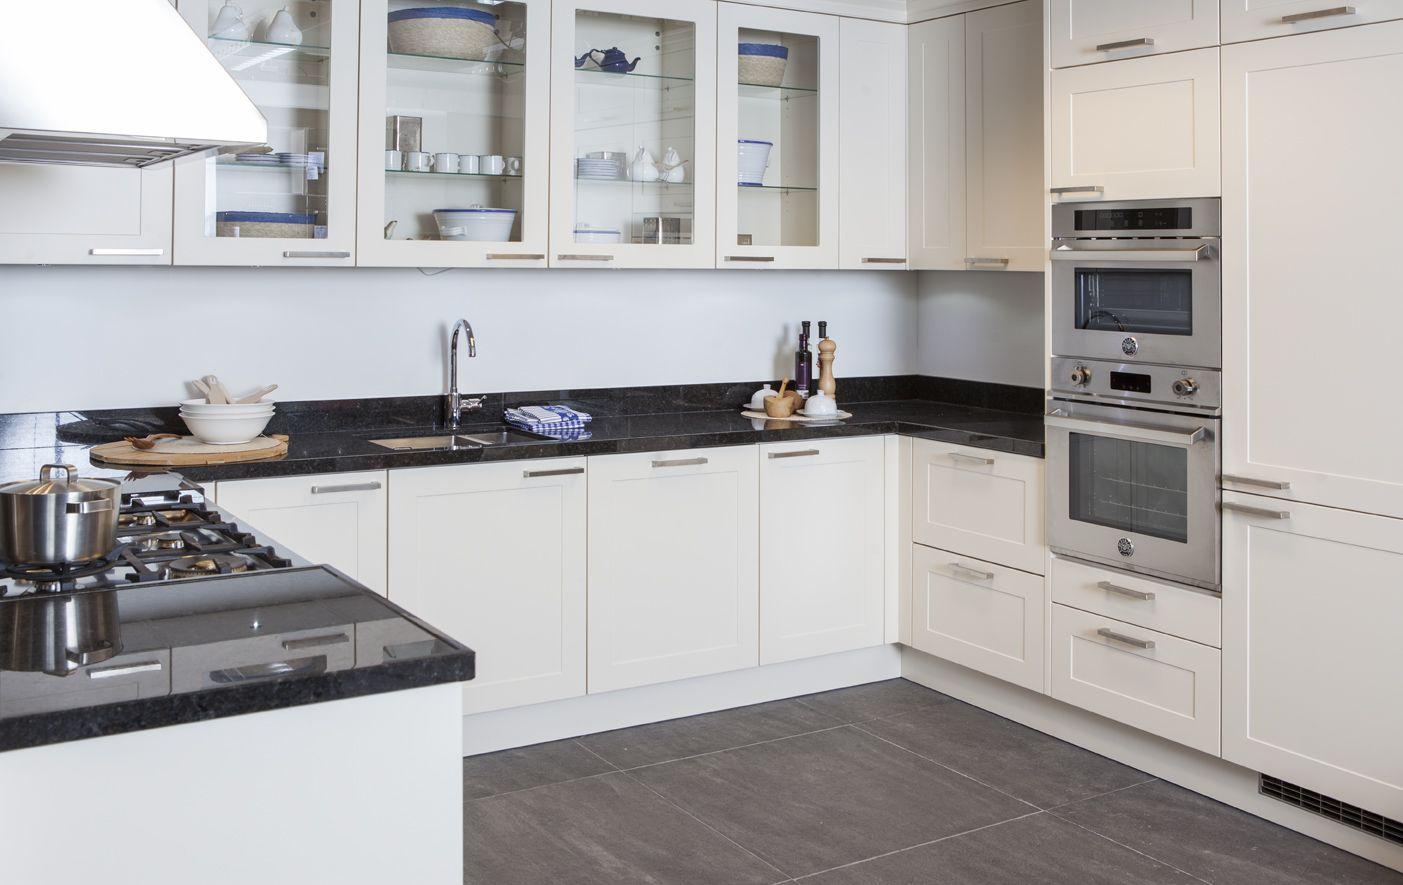 Complete Keuken Ikea : Keuken ikea afmetingen foto s van keukens bouwinfo keuken